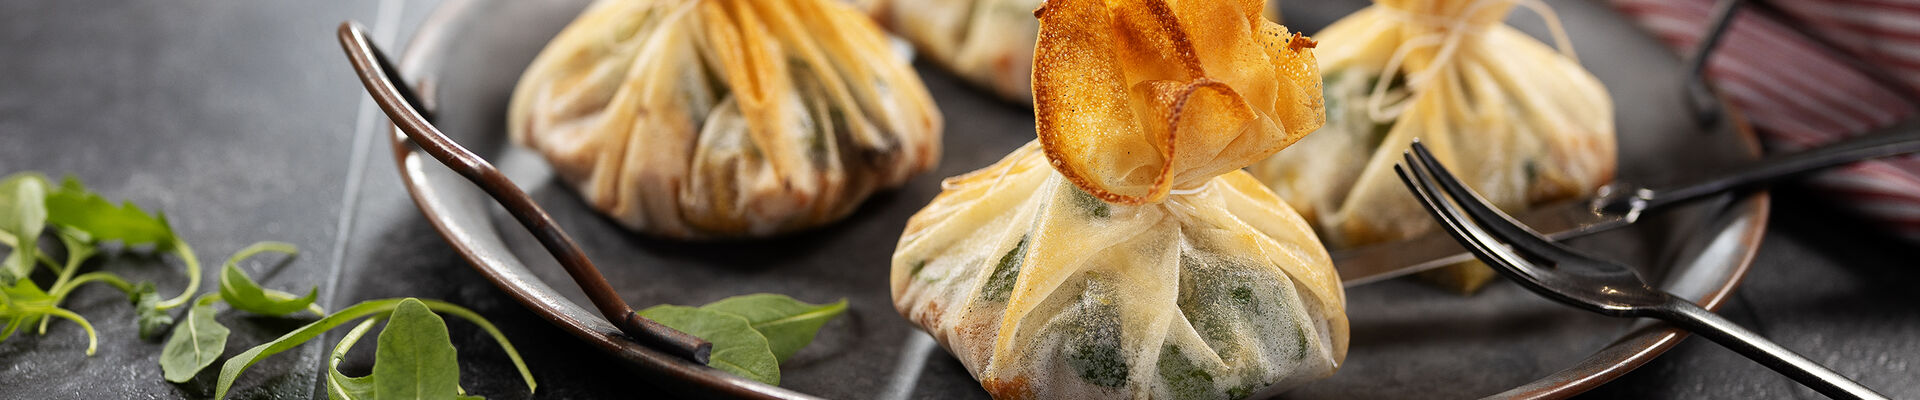 Bouchées croustillantes de foie gras au pain d'épice